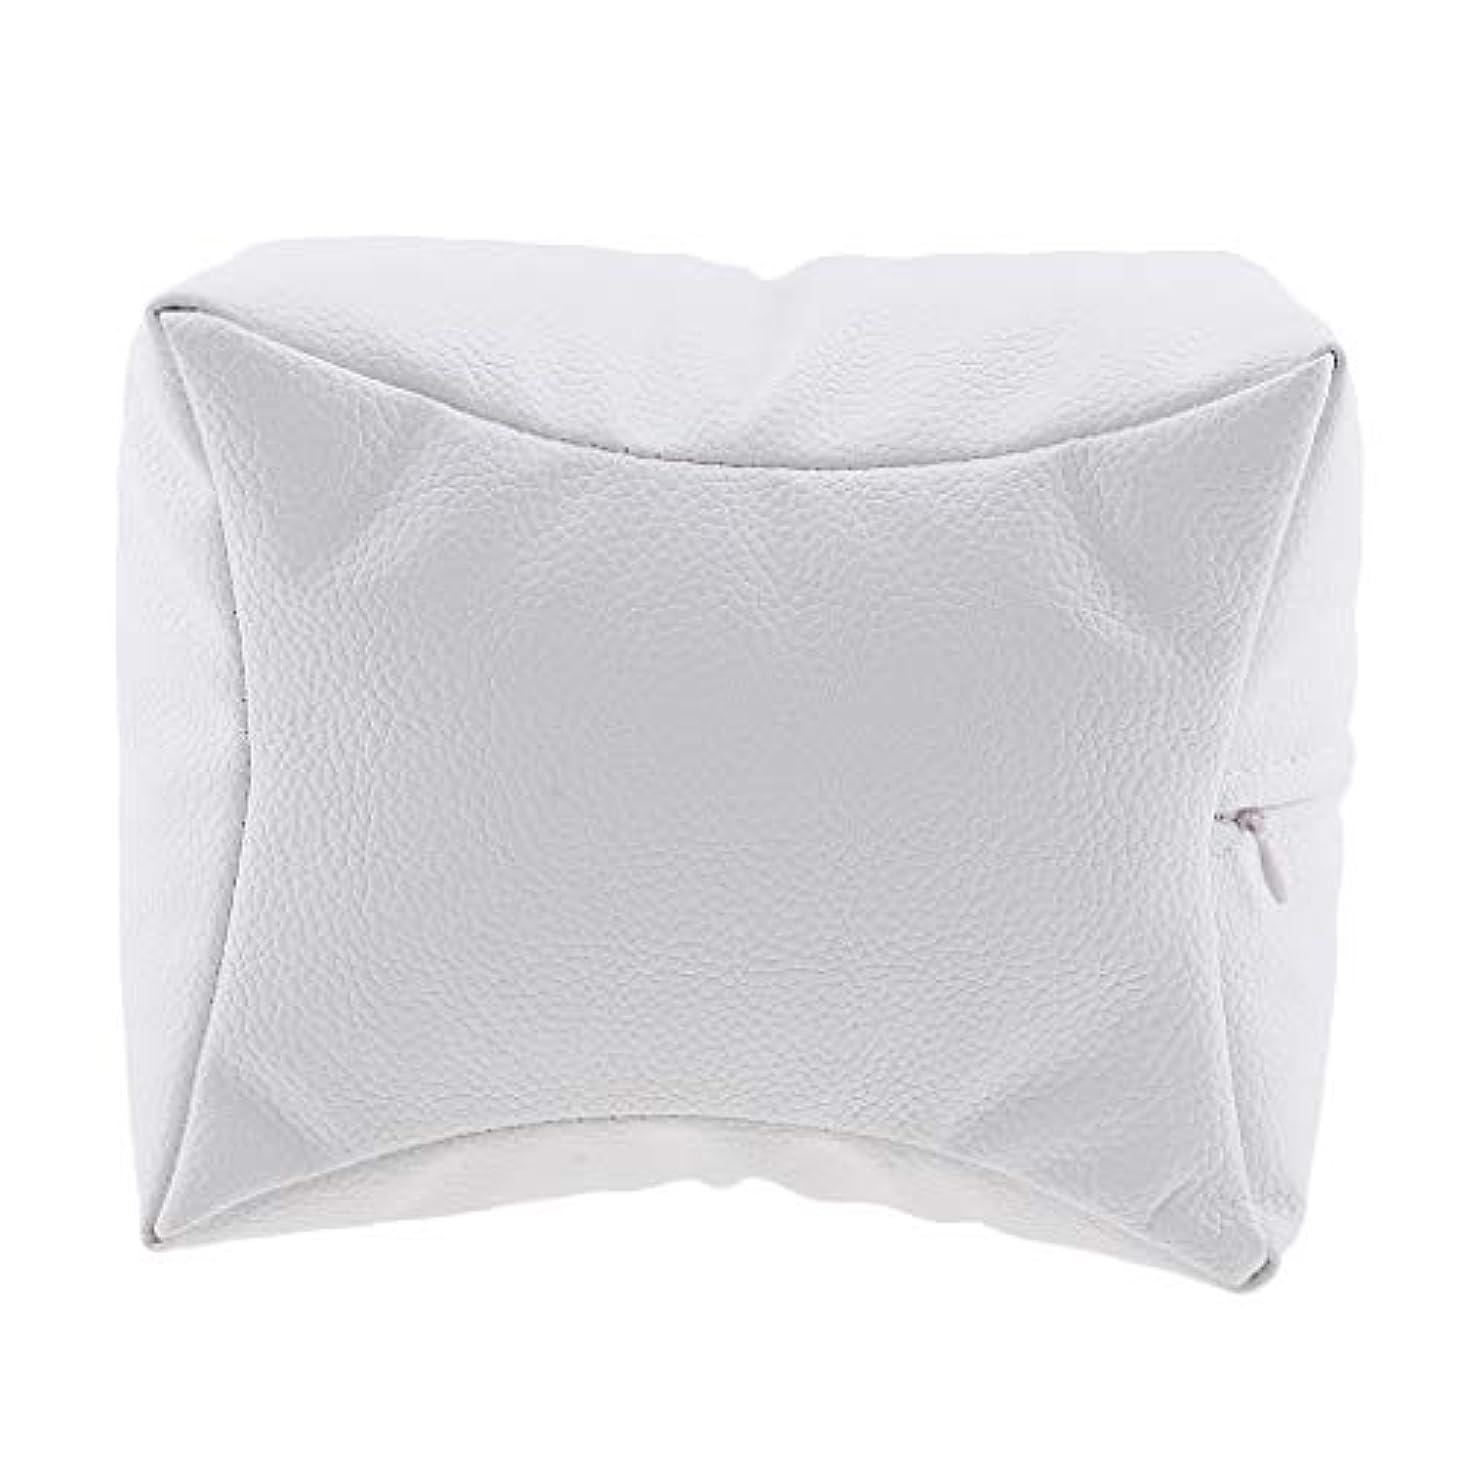 困惑するプラカード買収Sharplace ネイルアート 手枕 ハンドピロー レストピロー ハンドクッション ネイルサロン 4色選べ - 白